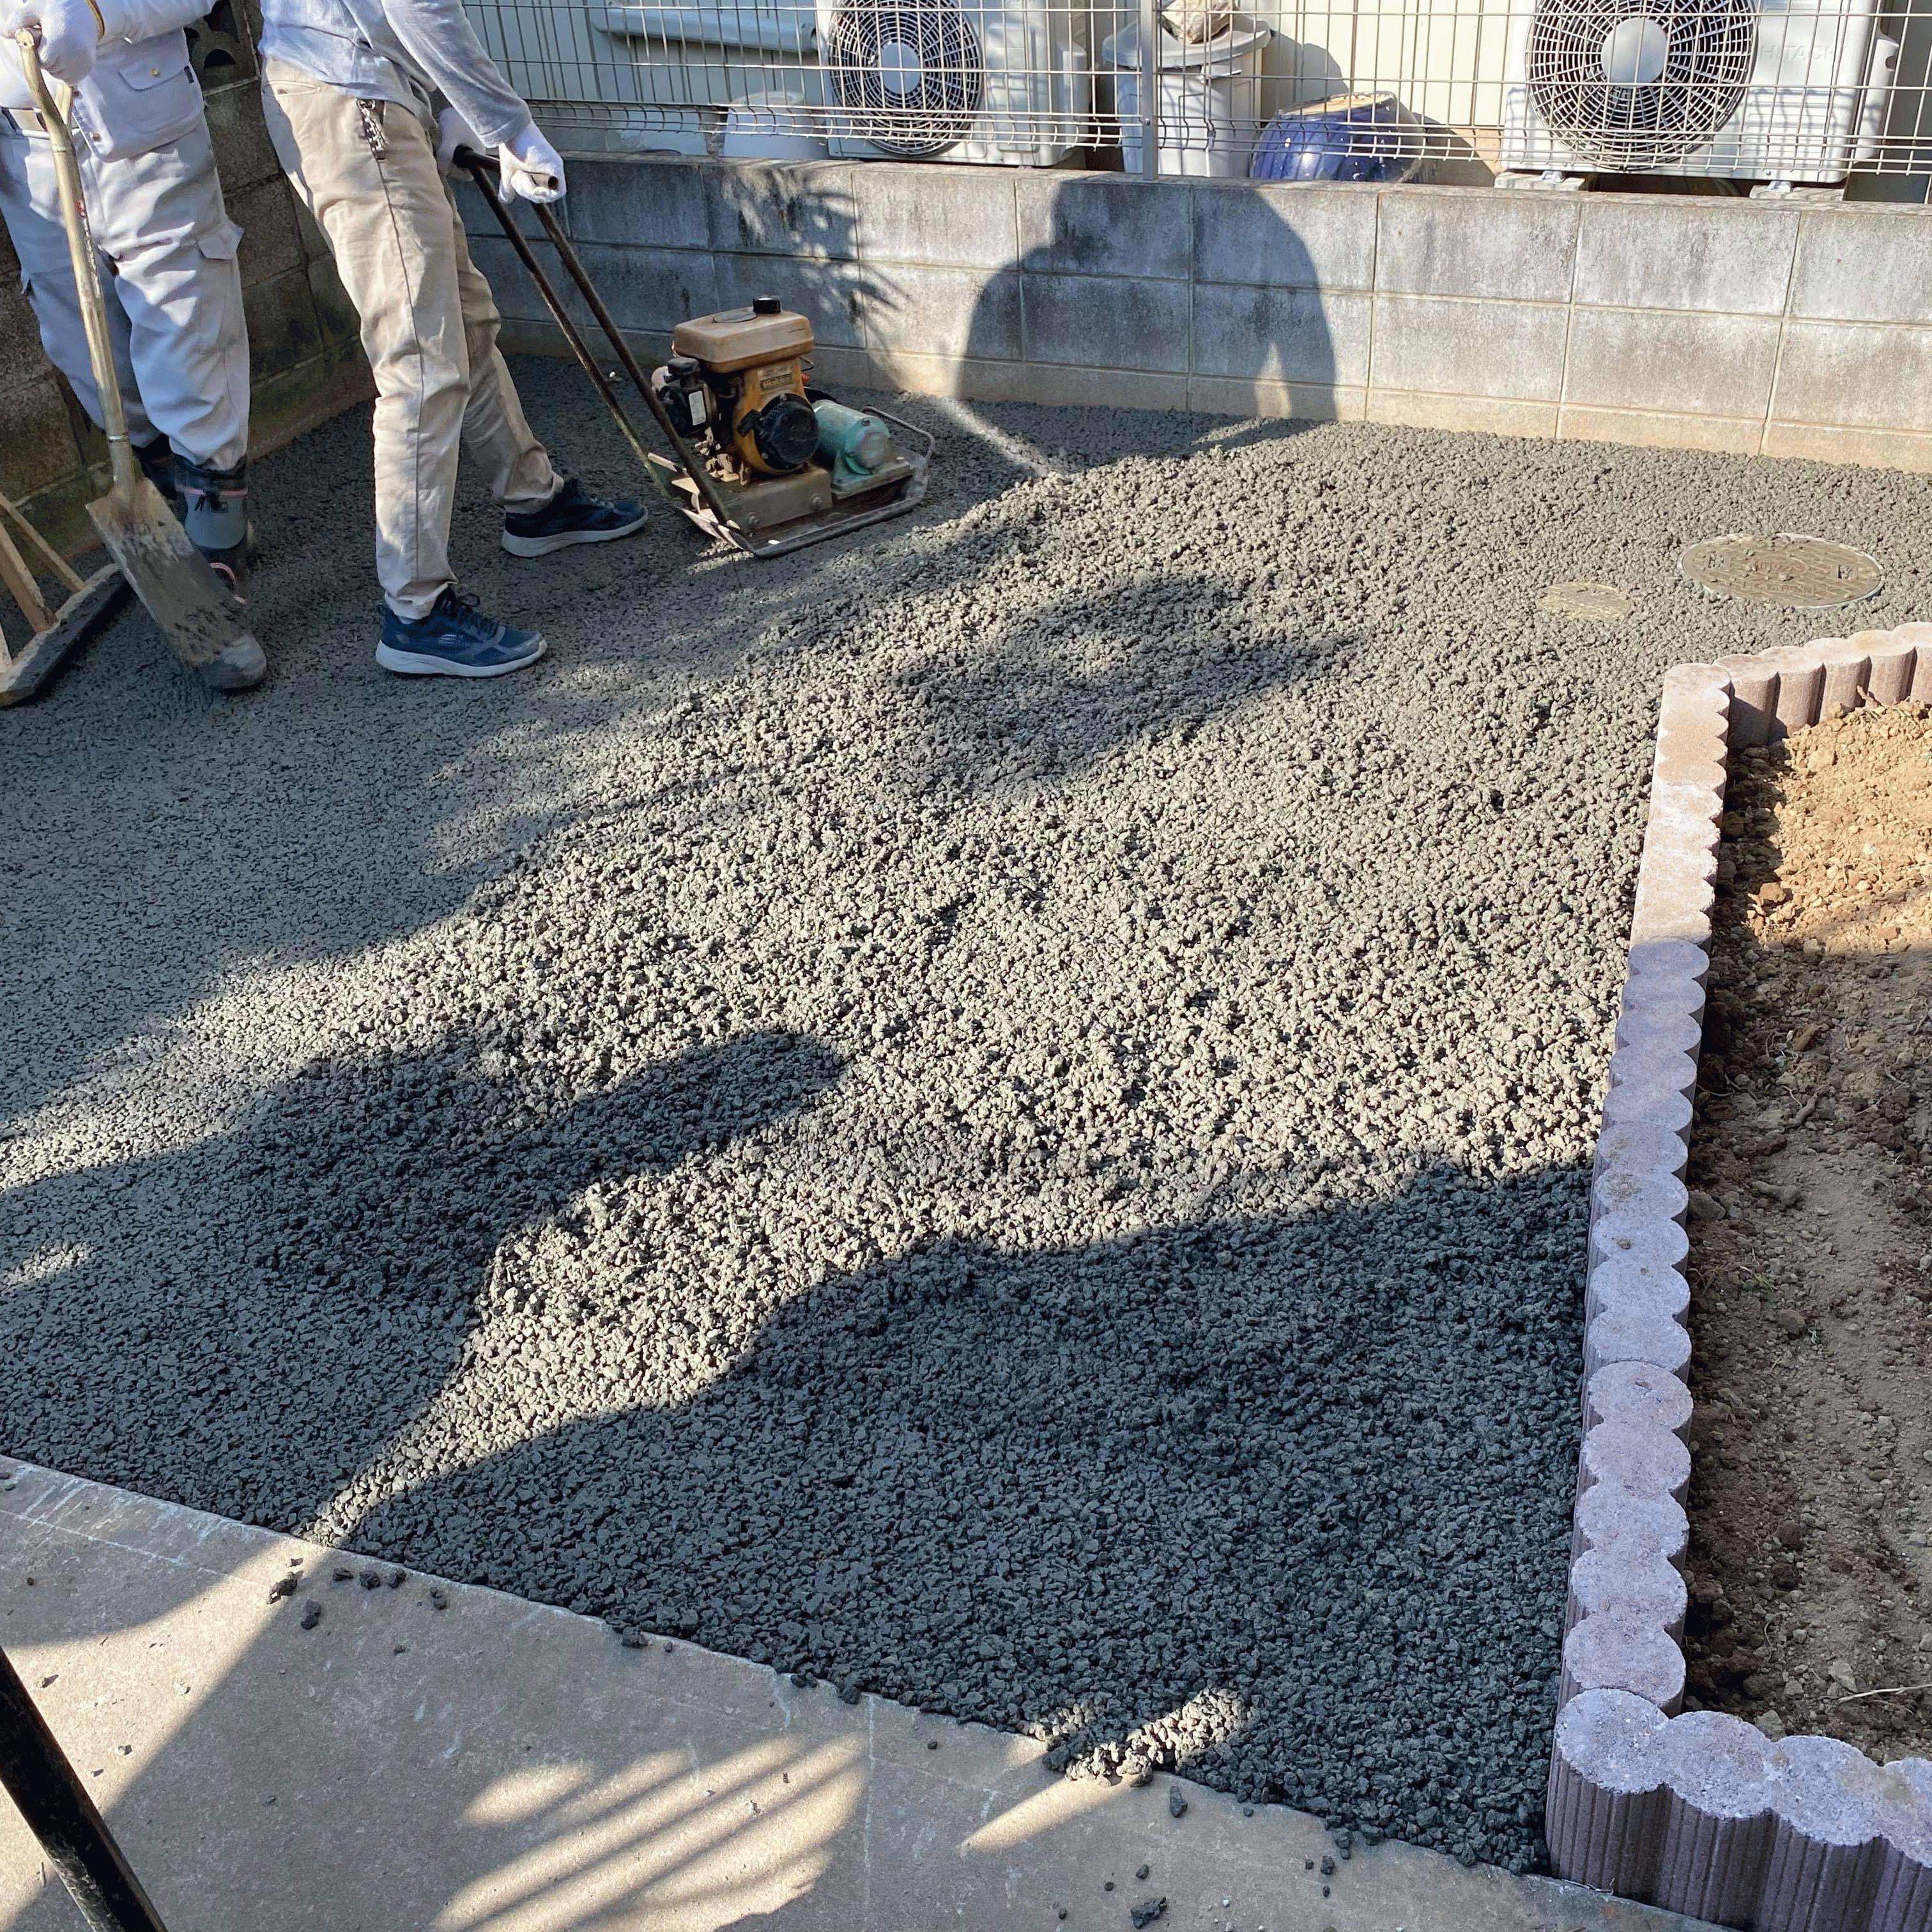 【埼玉】《草取り》から解放され《バスケ》の練習ができる庭「DIYで施工を計画」「砕石を敷き均す価格で」渋谷建材・エクテム